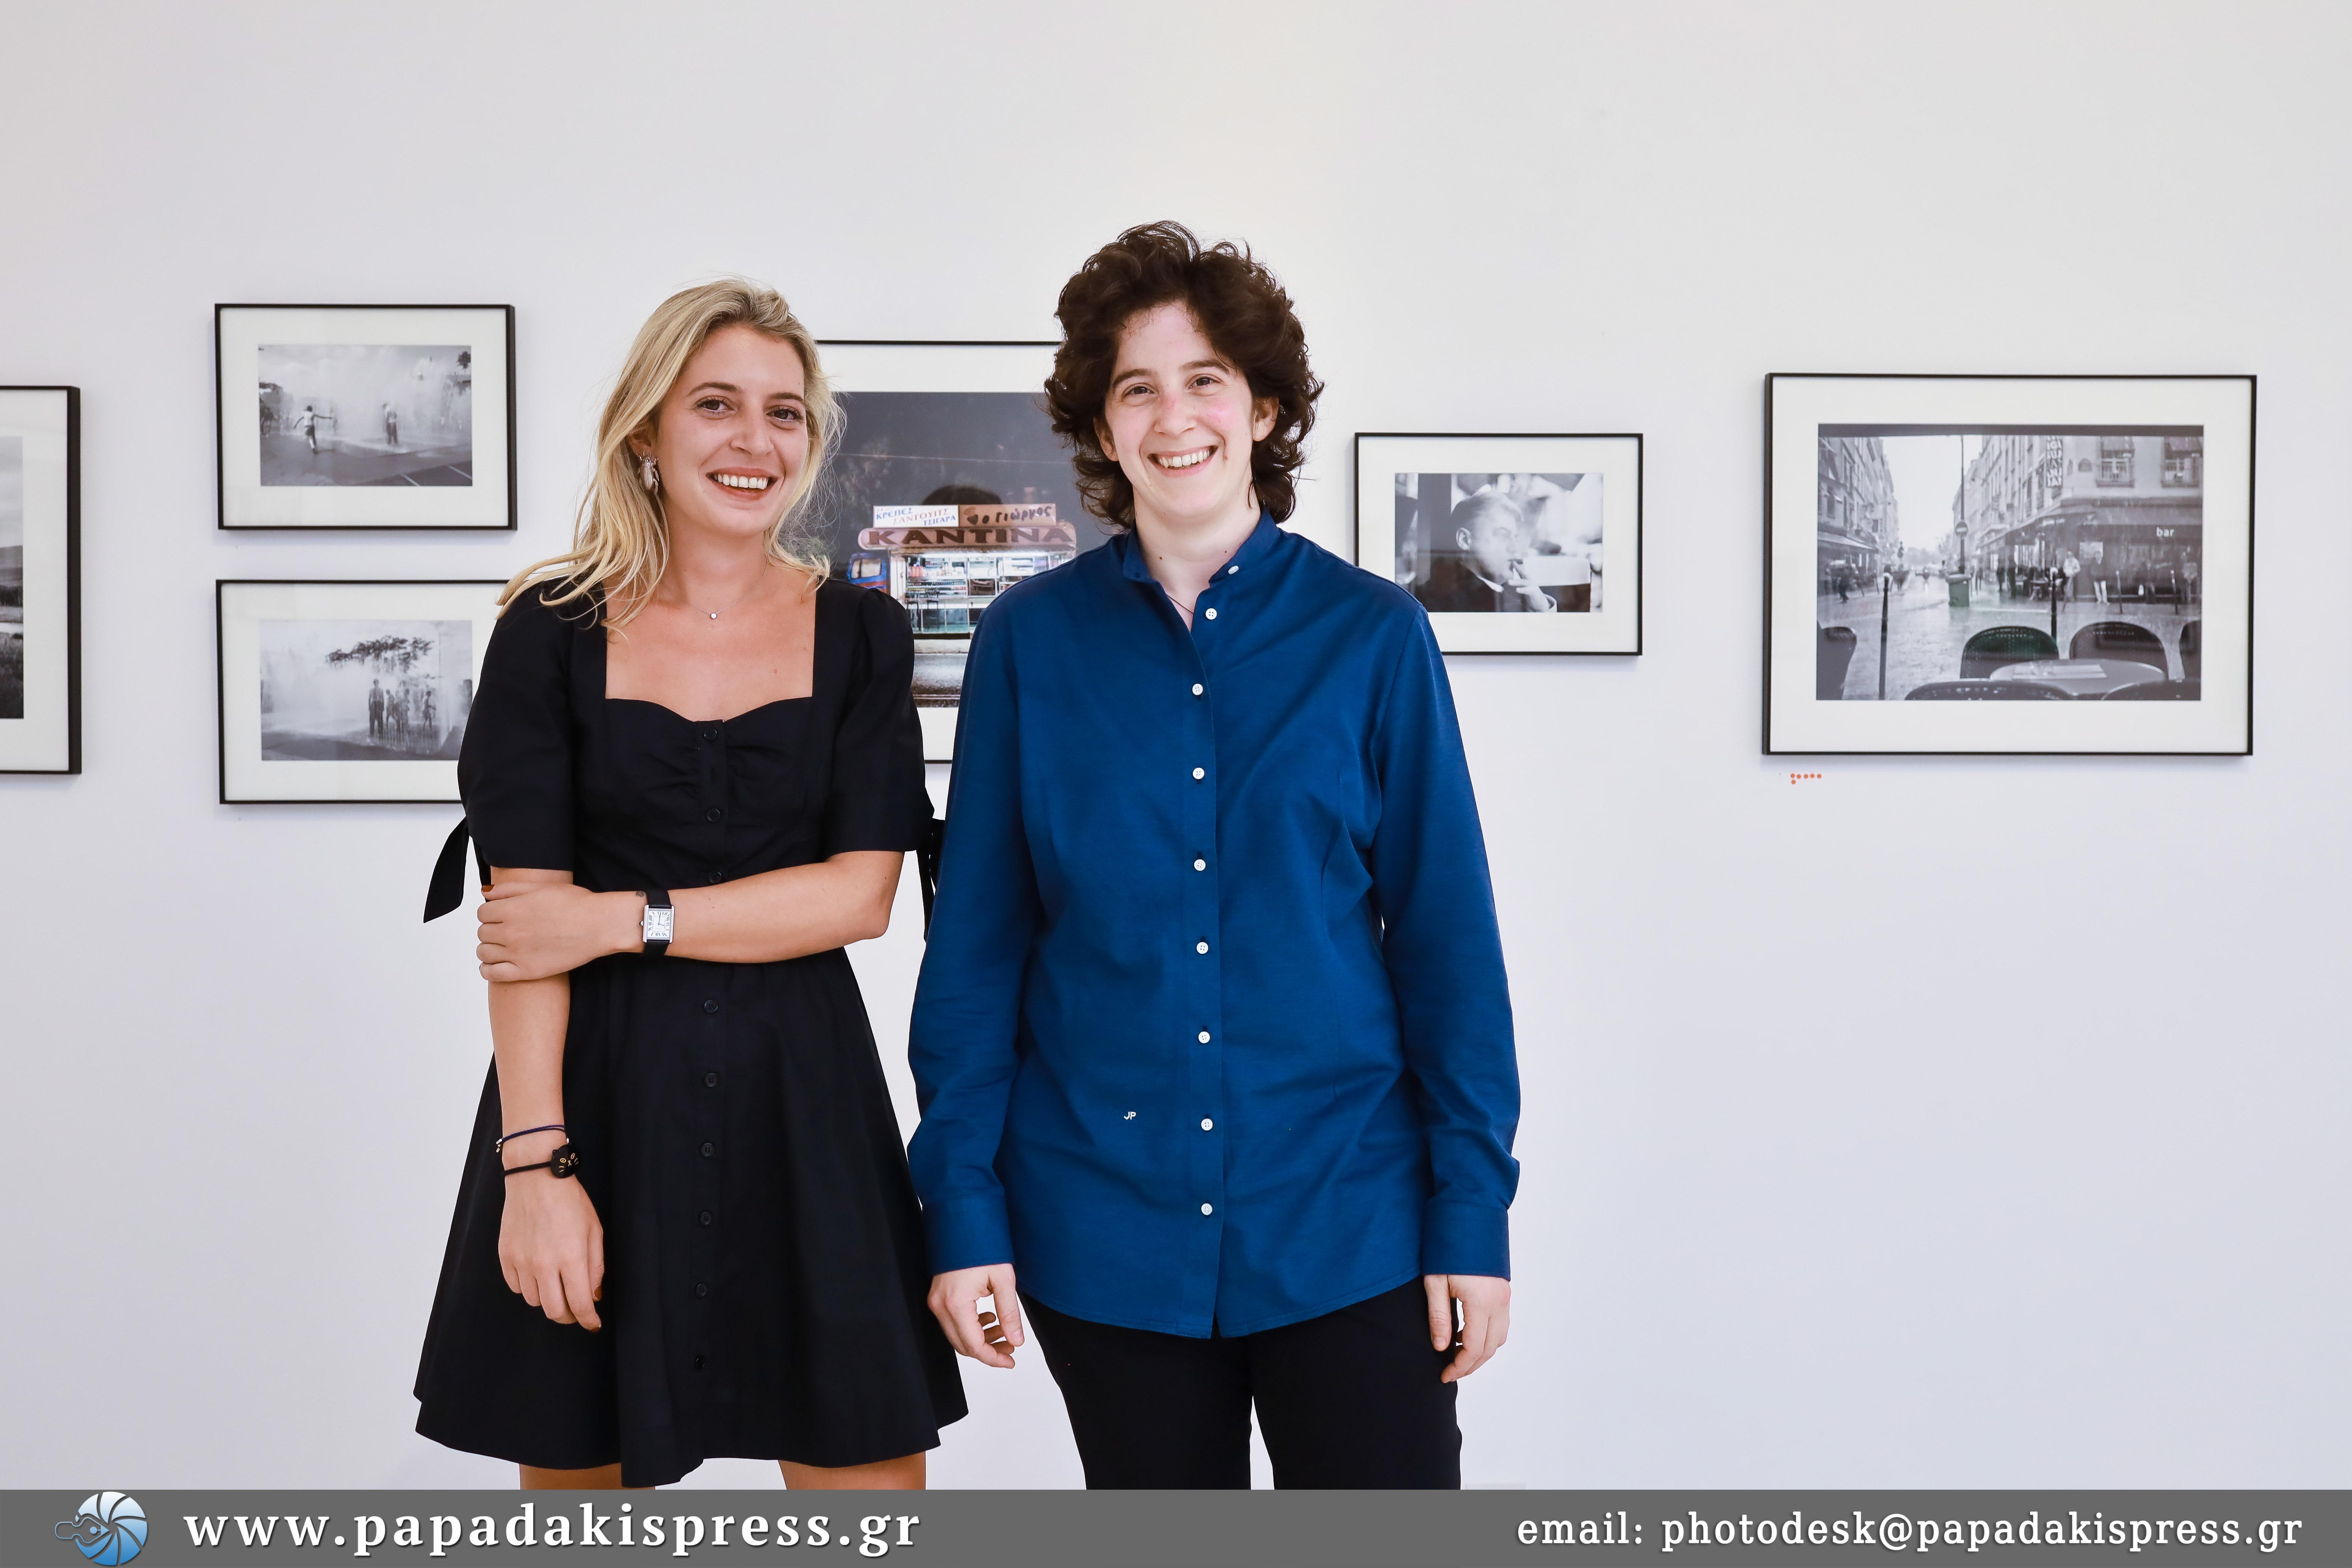 Εγκαίνια της έκθεσης φωτογραφίας «Νόστος & Άλγος» @Γκαλερί Ζουμπουλάκη 6